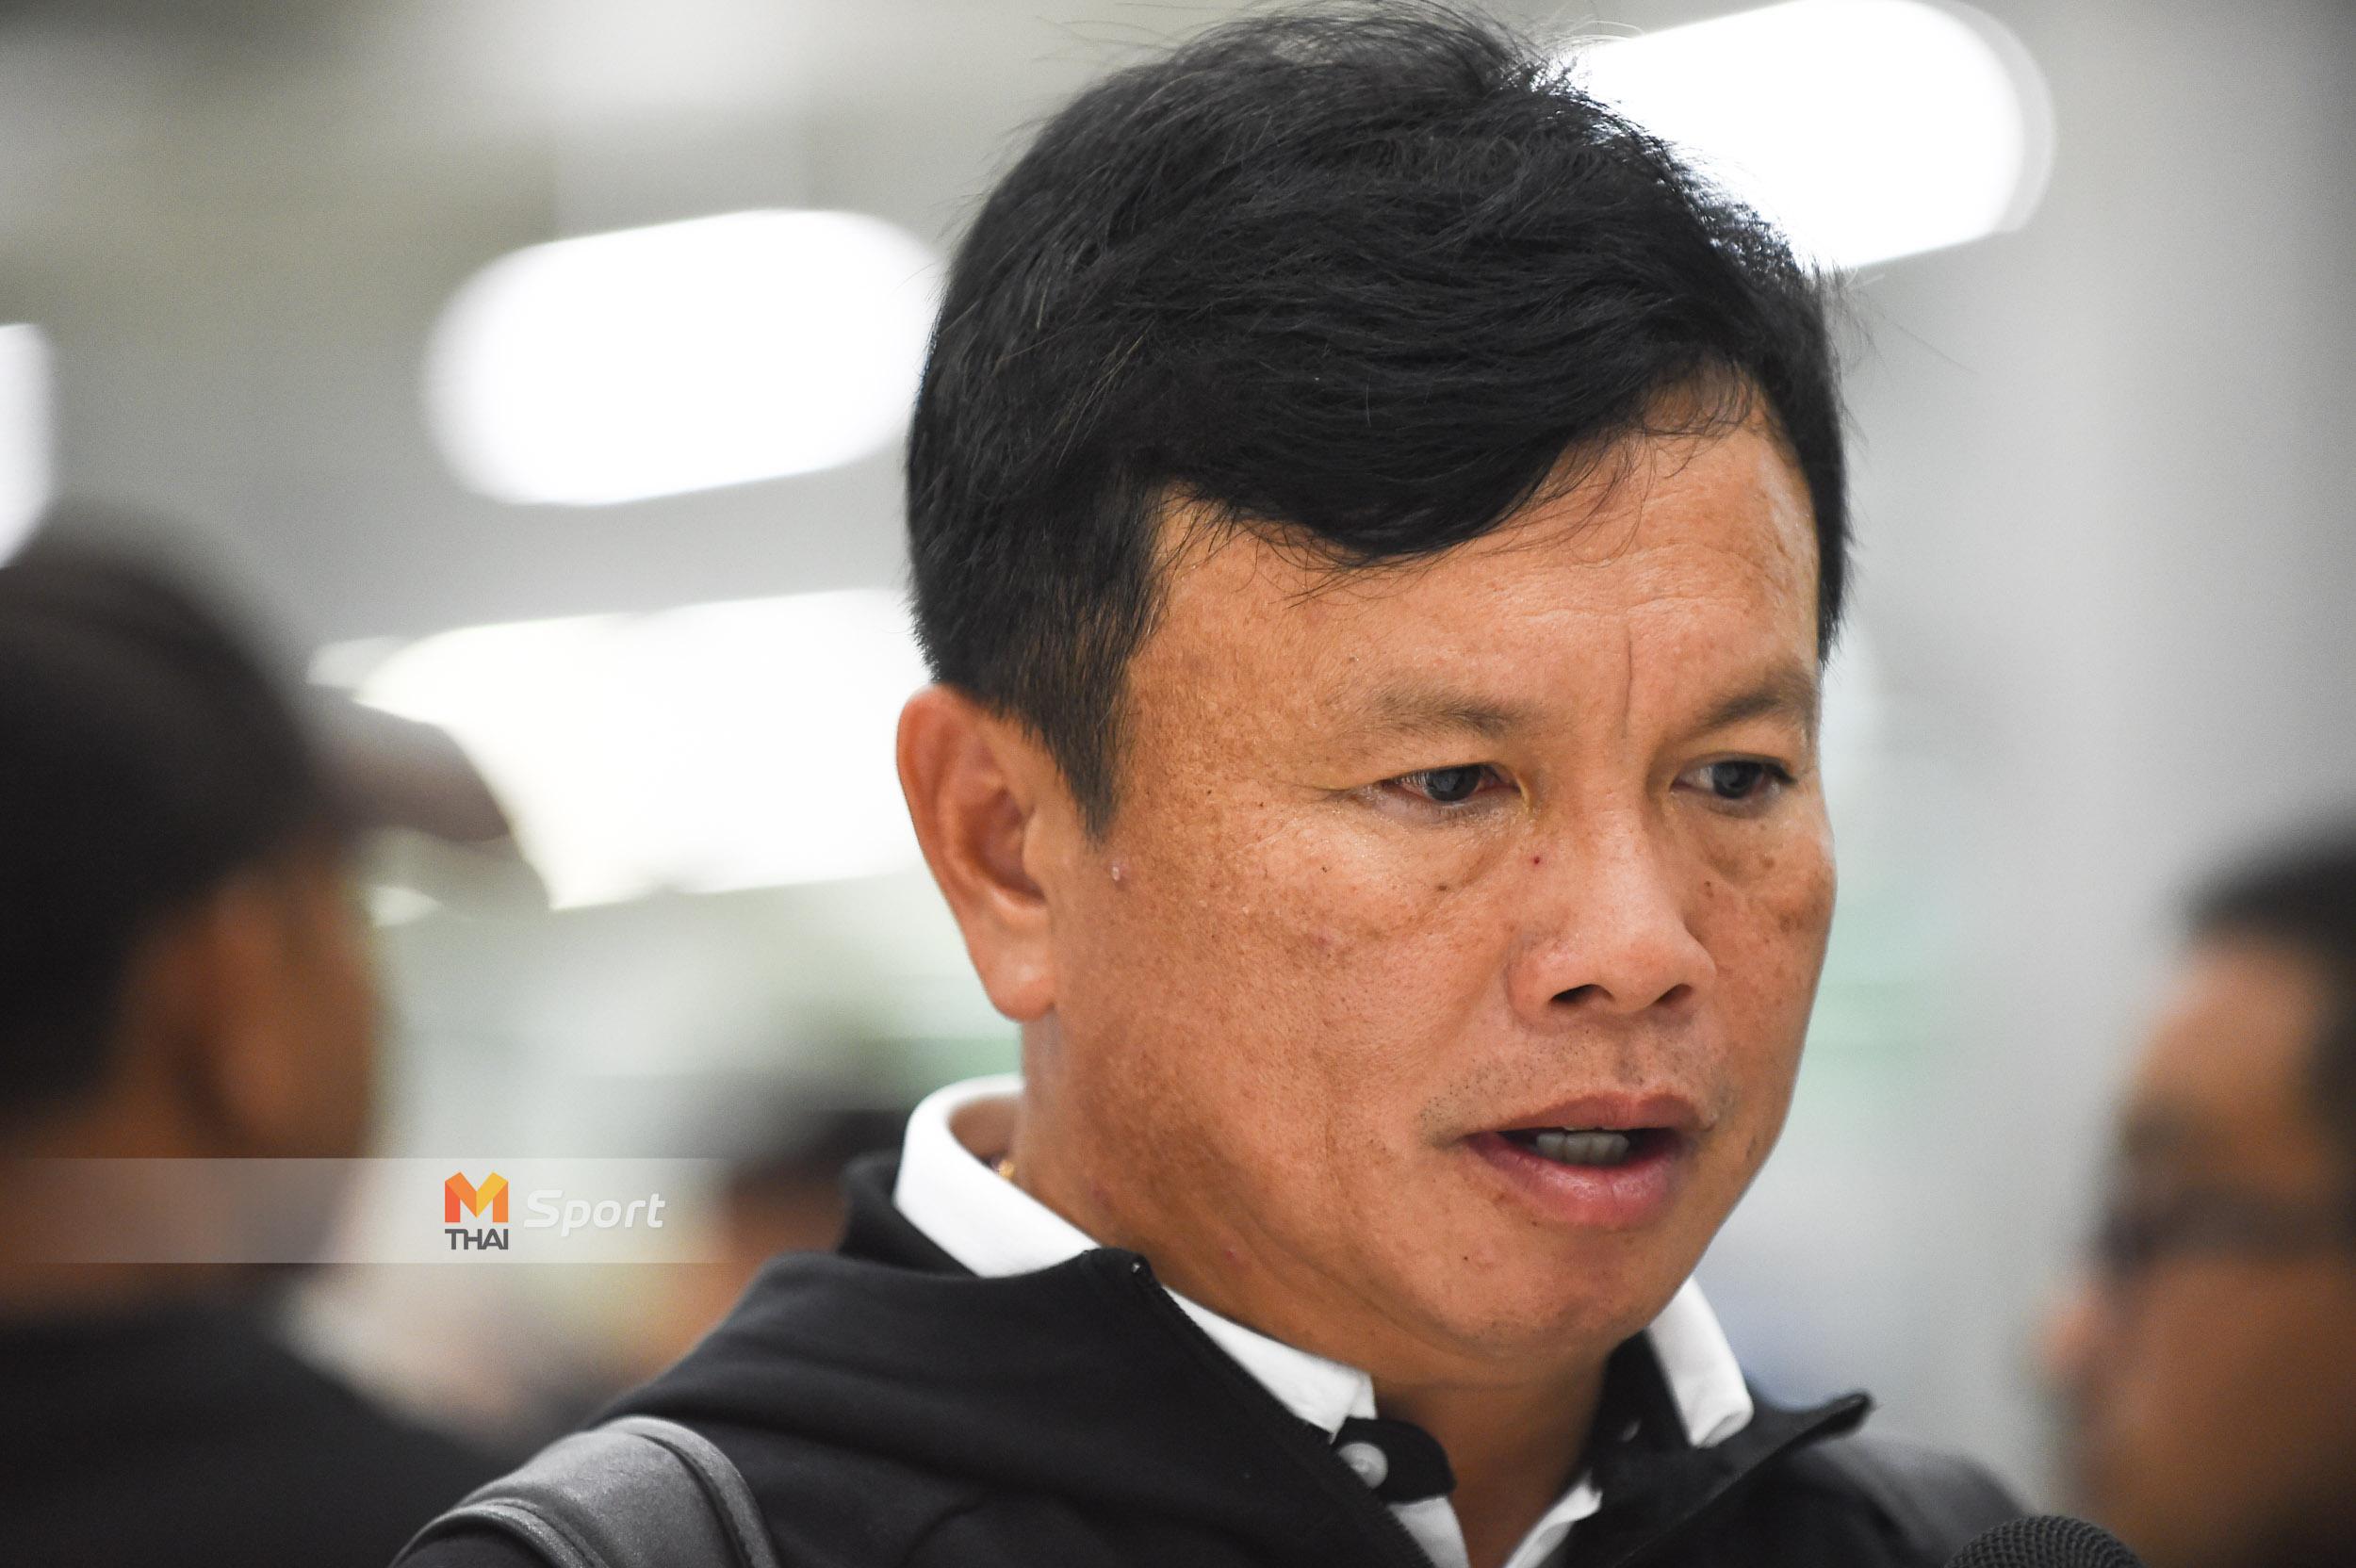 ทีมชาติไทย ศิริศักดิ์ ยอดญาติไทย เอเชียนคัพ 2019